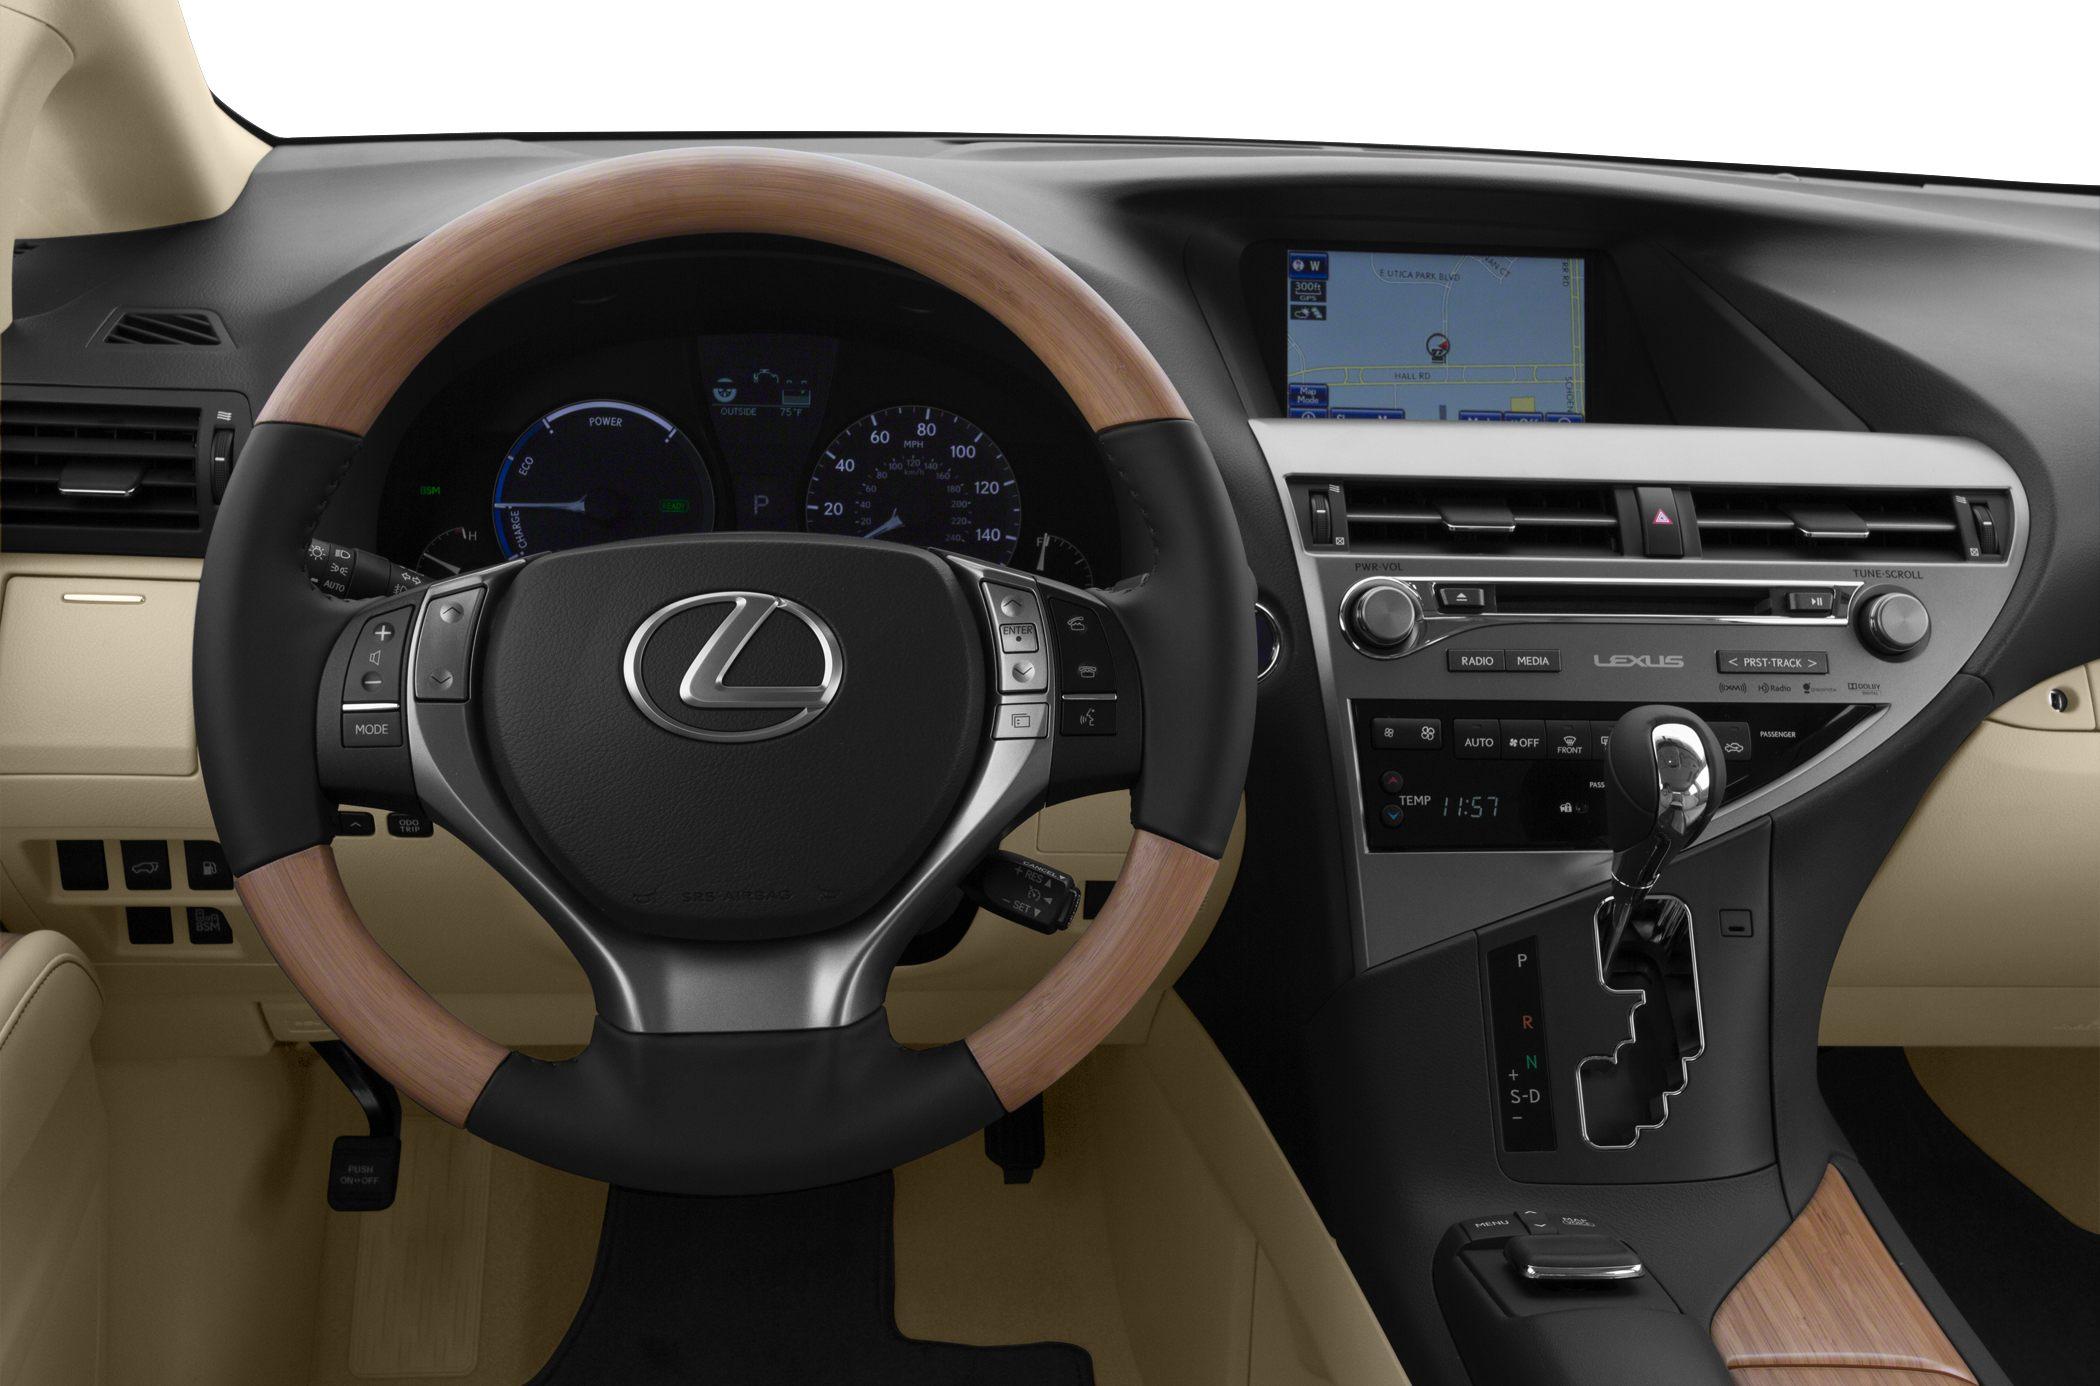 2015 Lexus RX 450h Interior